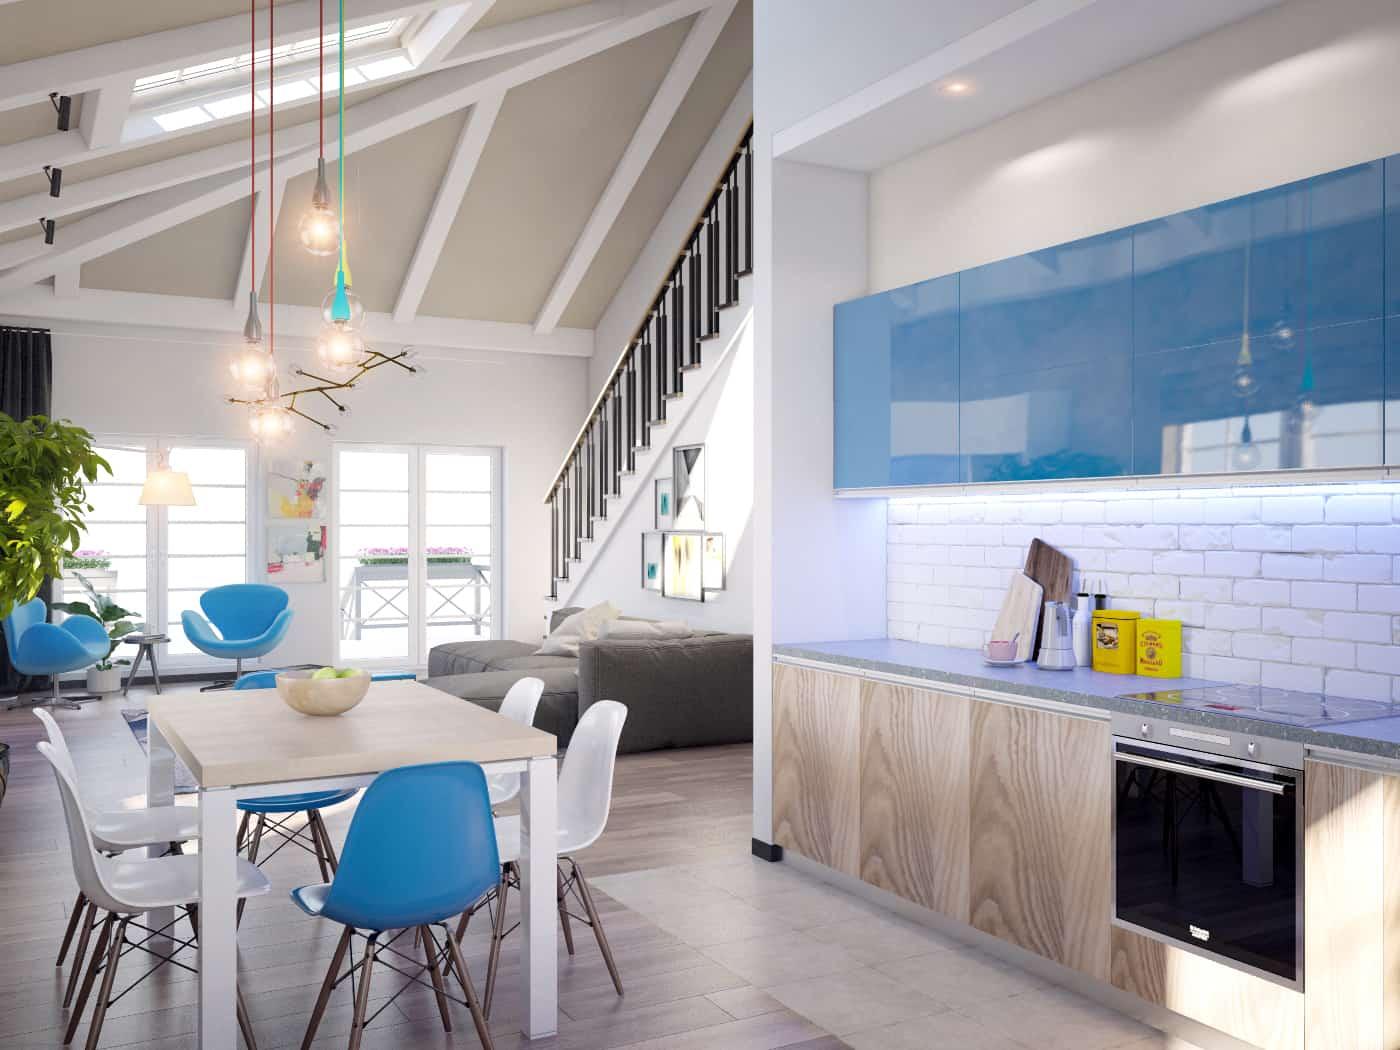 кухня, общий вид интерьера